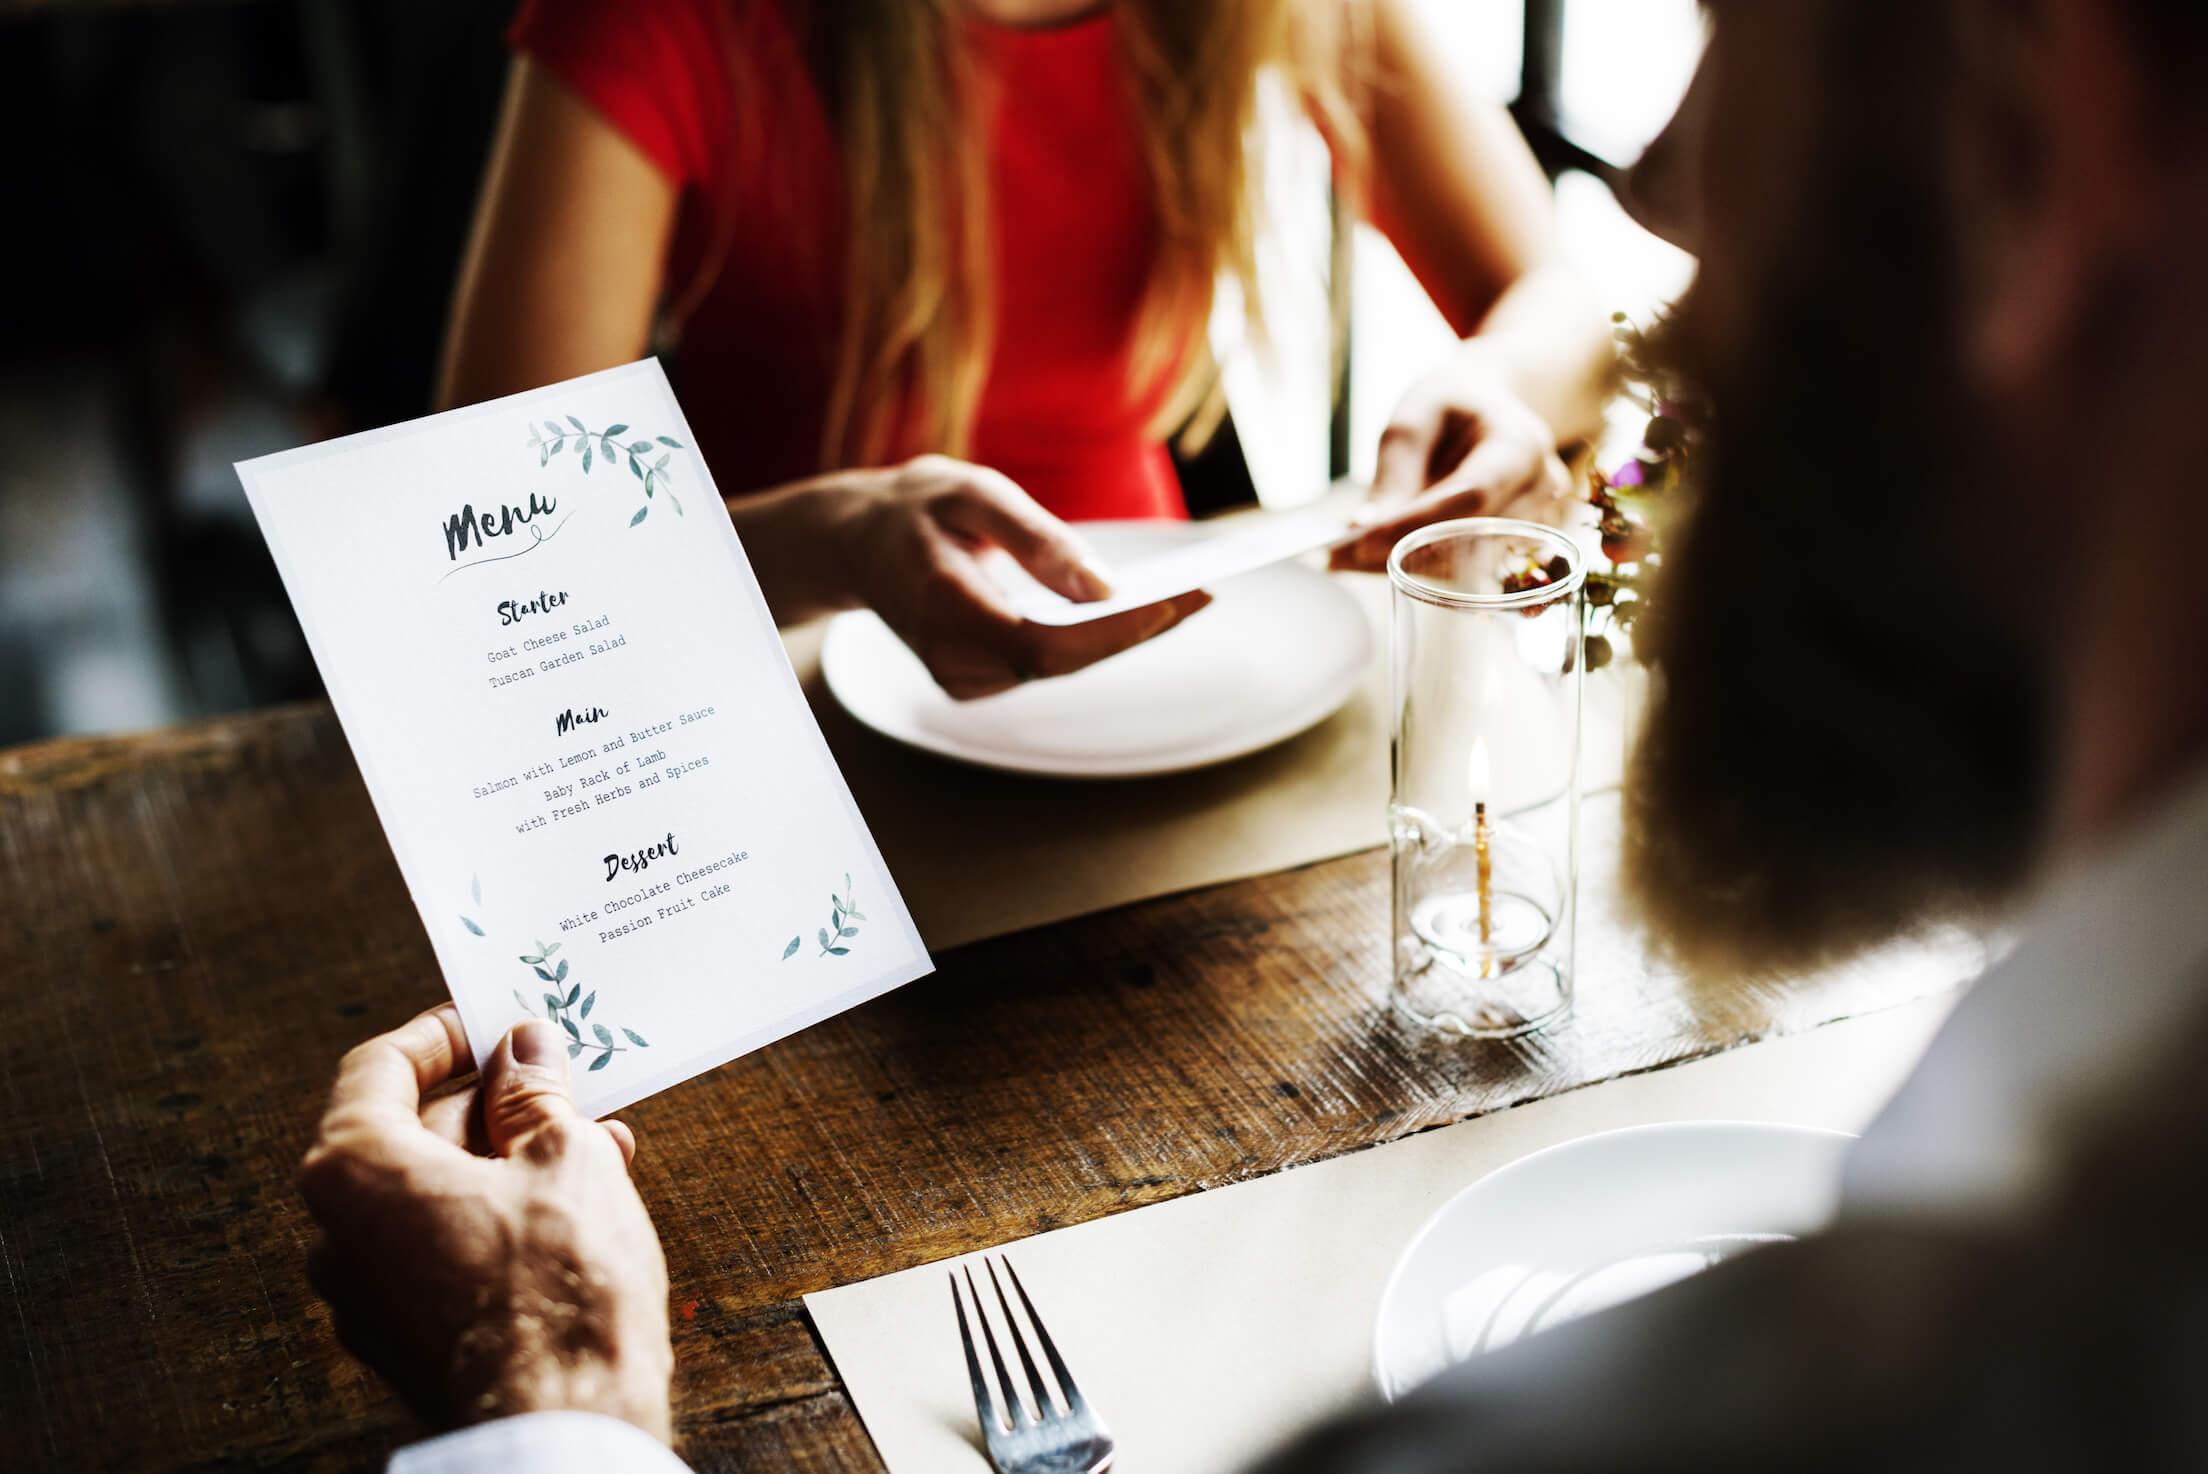 Speisekarte Gastronomie erstellen